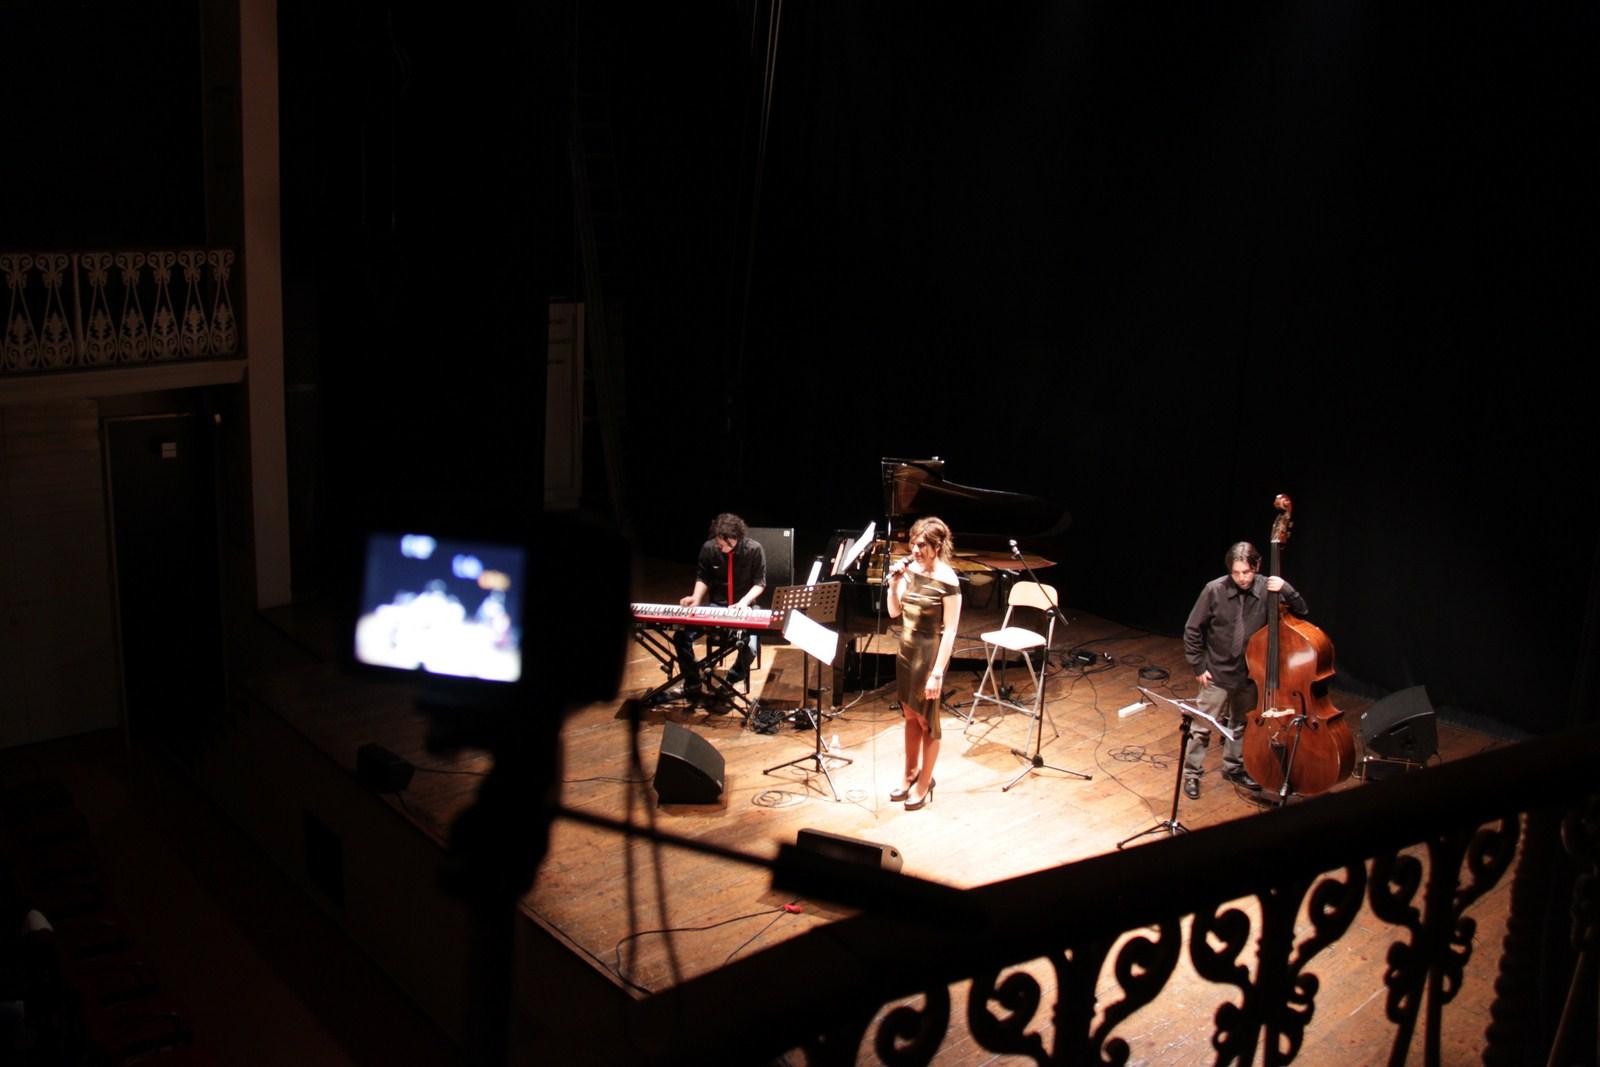 Teatro Socjale